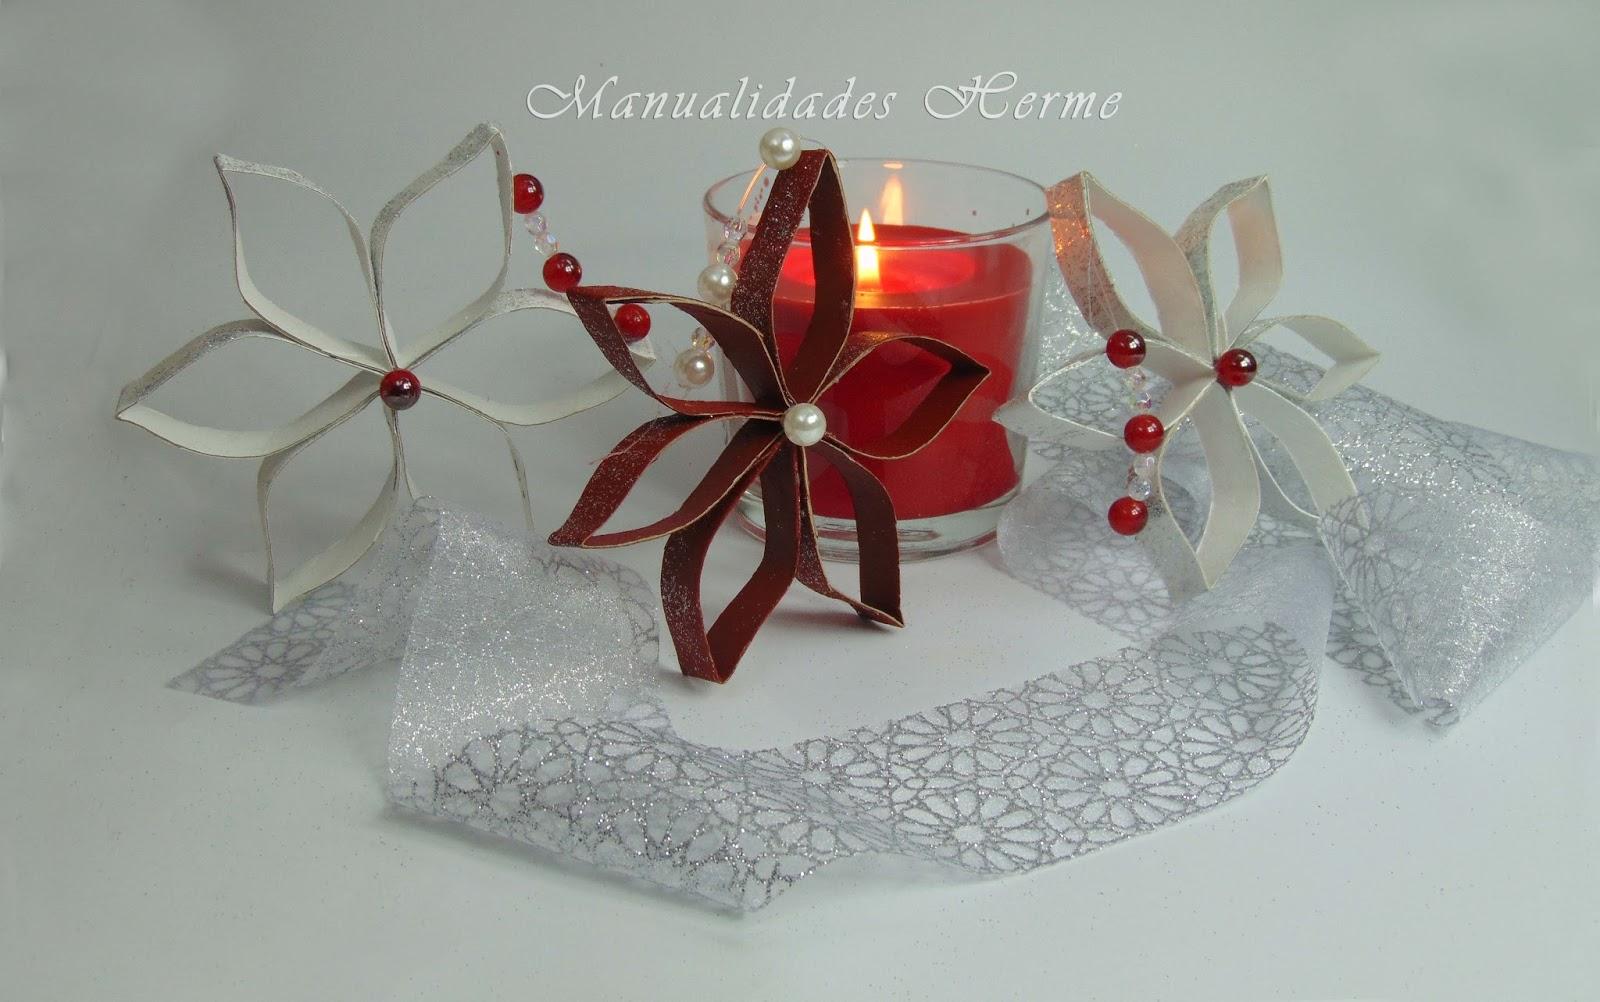 Manualidades herme hacer adorno navide o reciclaje estrella - Hacer cosas para navidad ...